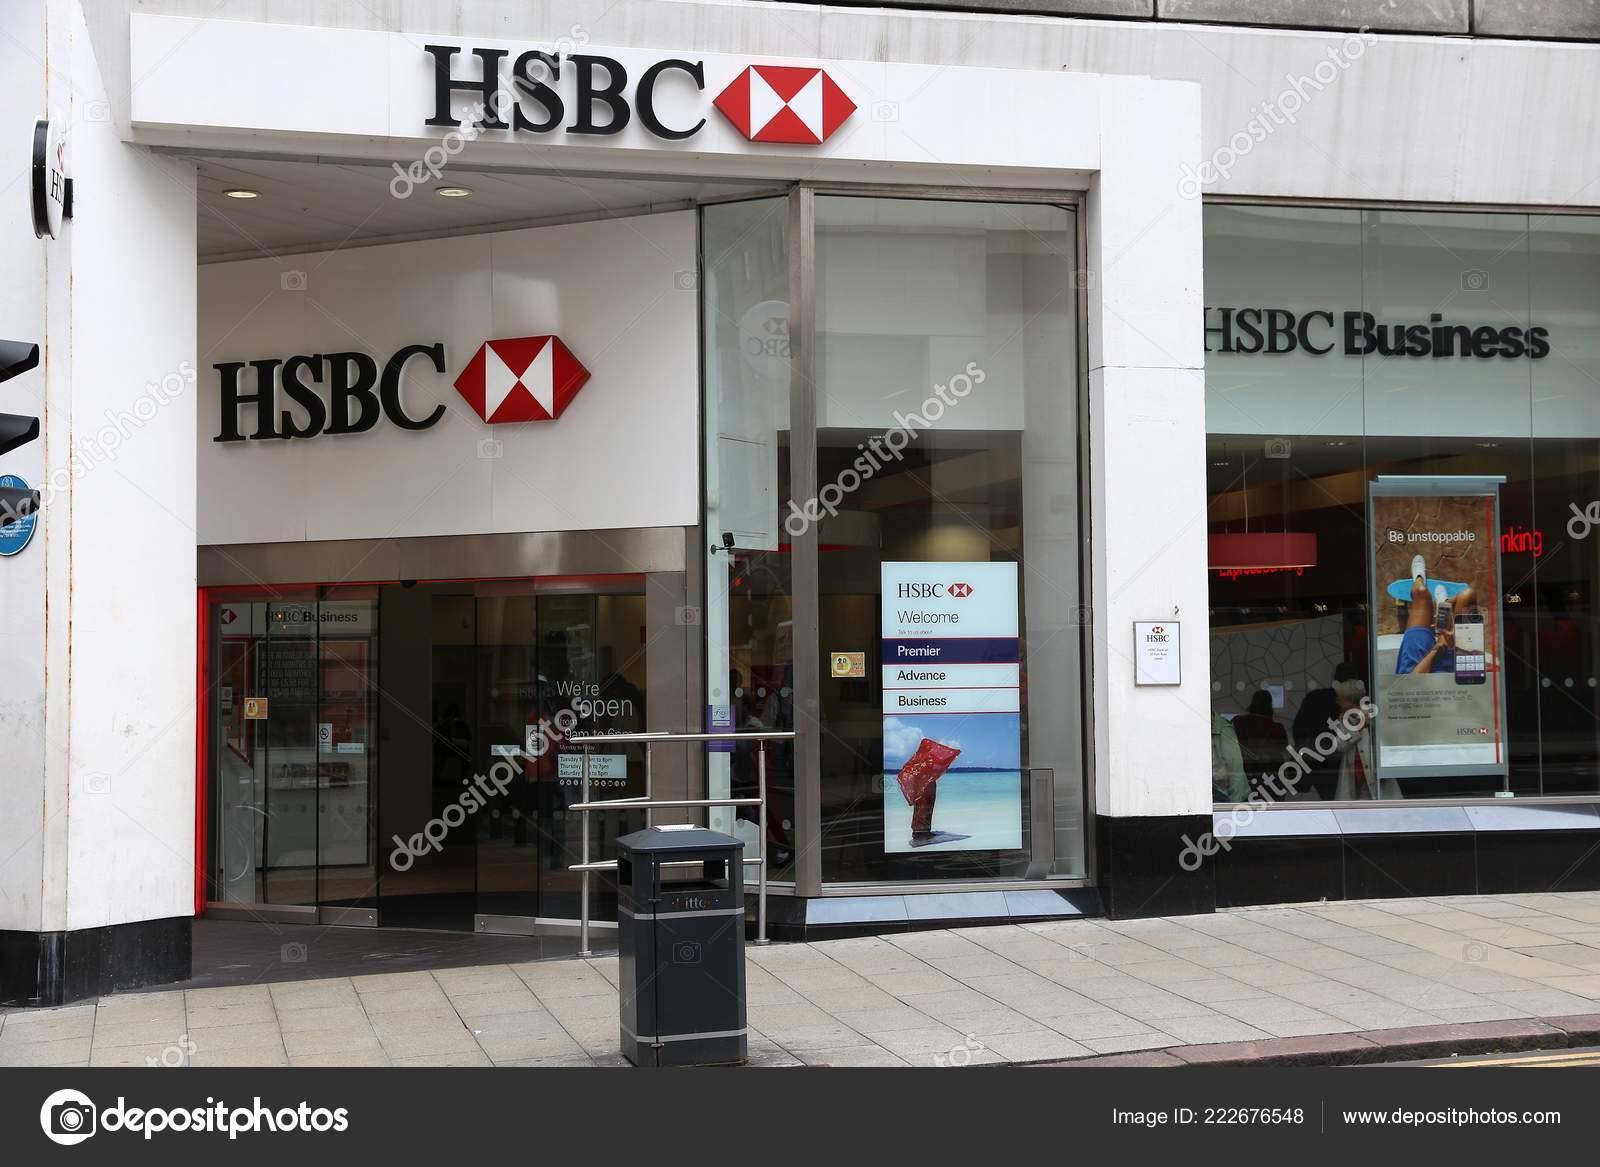 Leeds July 2016 People Walk Hsbc Bank Leeds Hsbc One – Stock